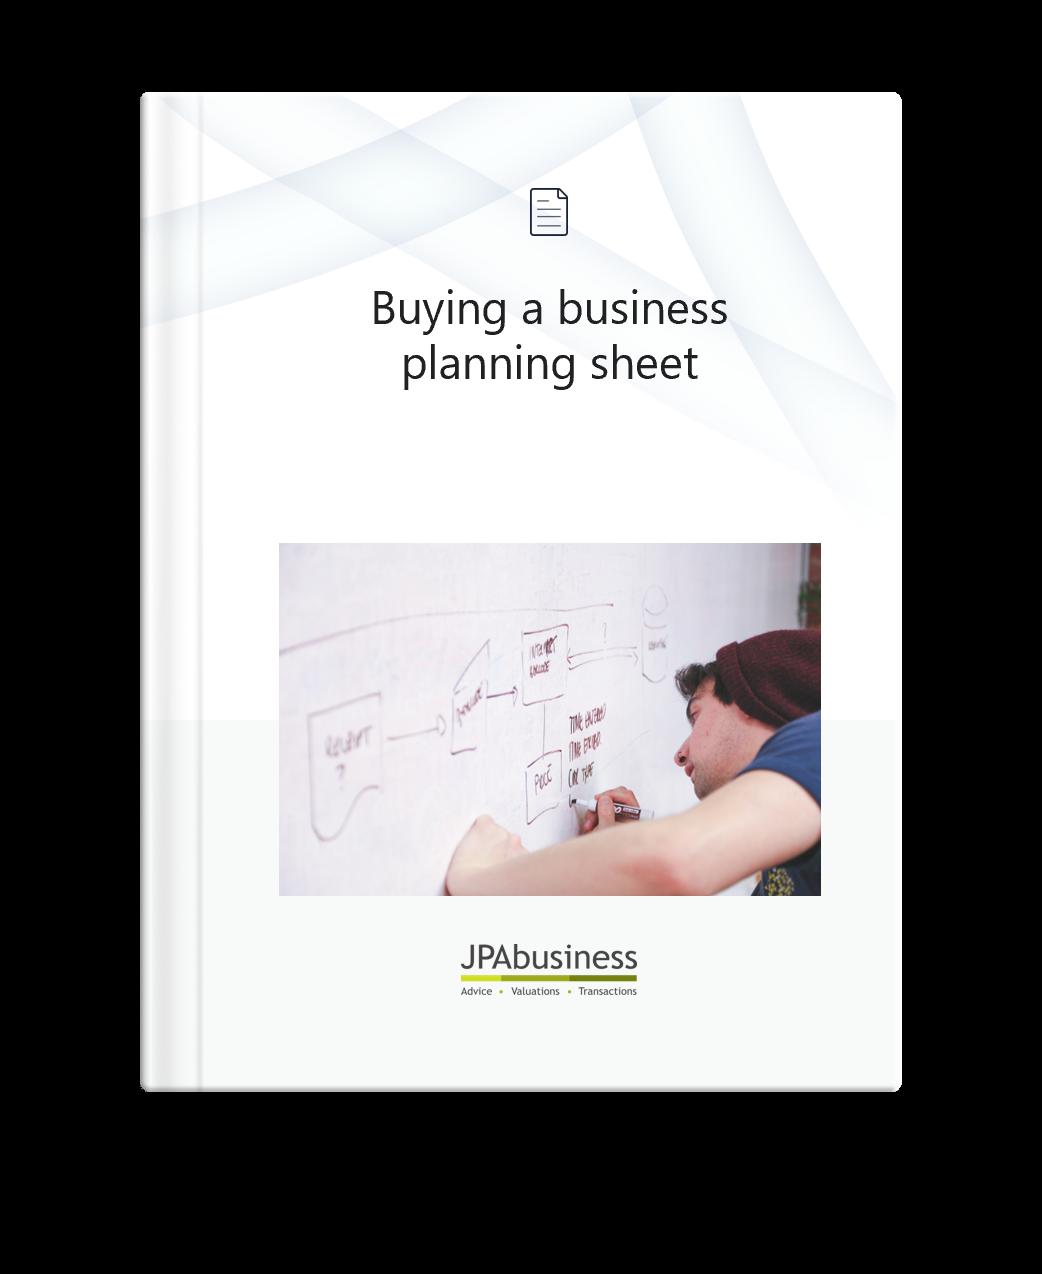 Buying a Business Planning Sheet | JPAbusiness